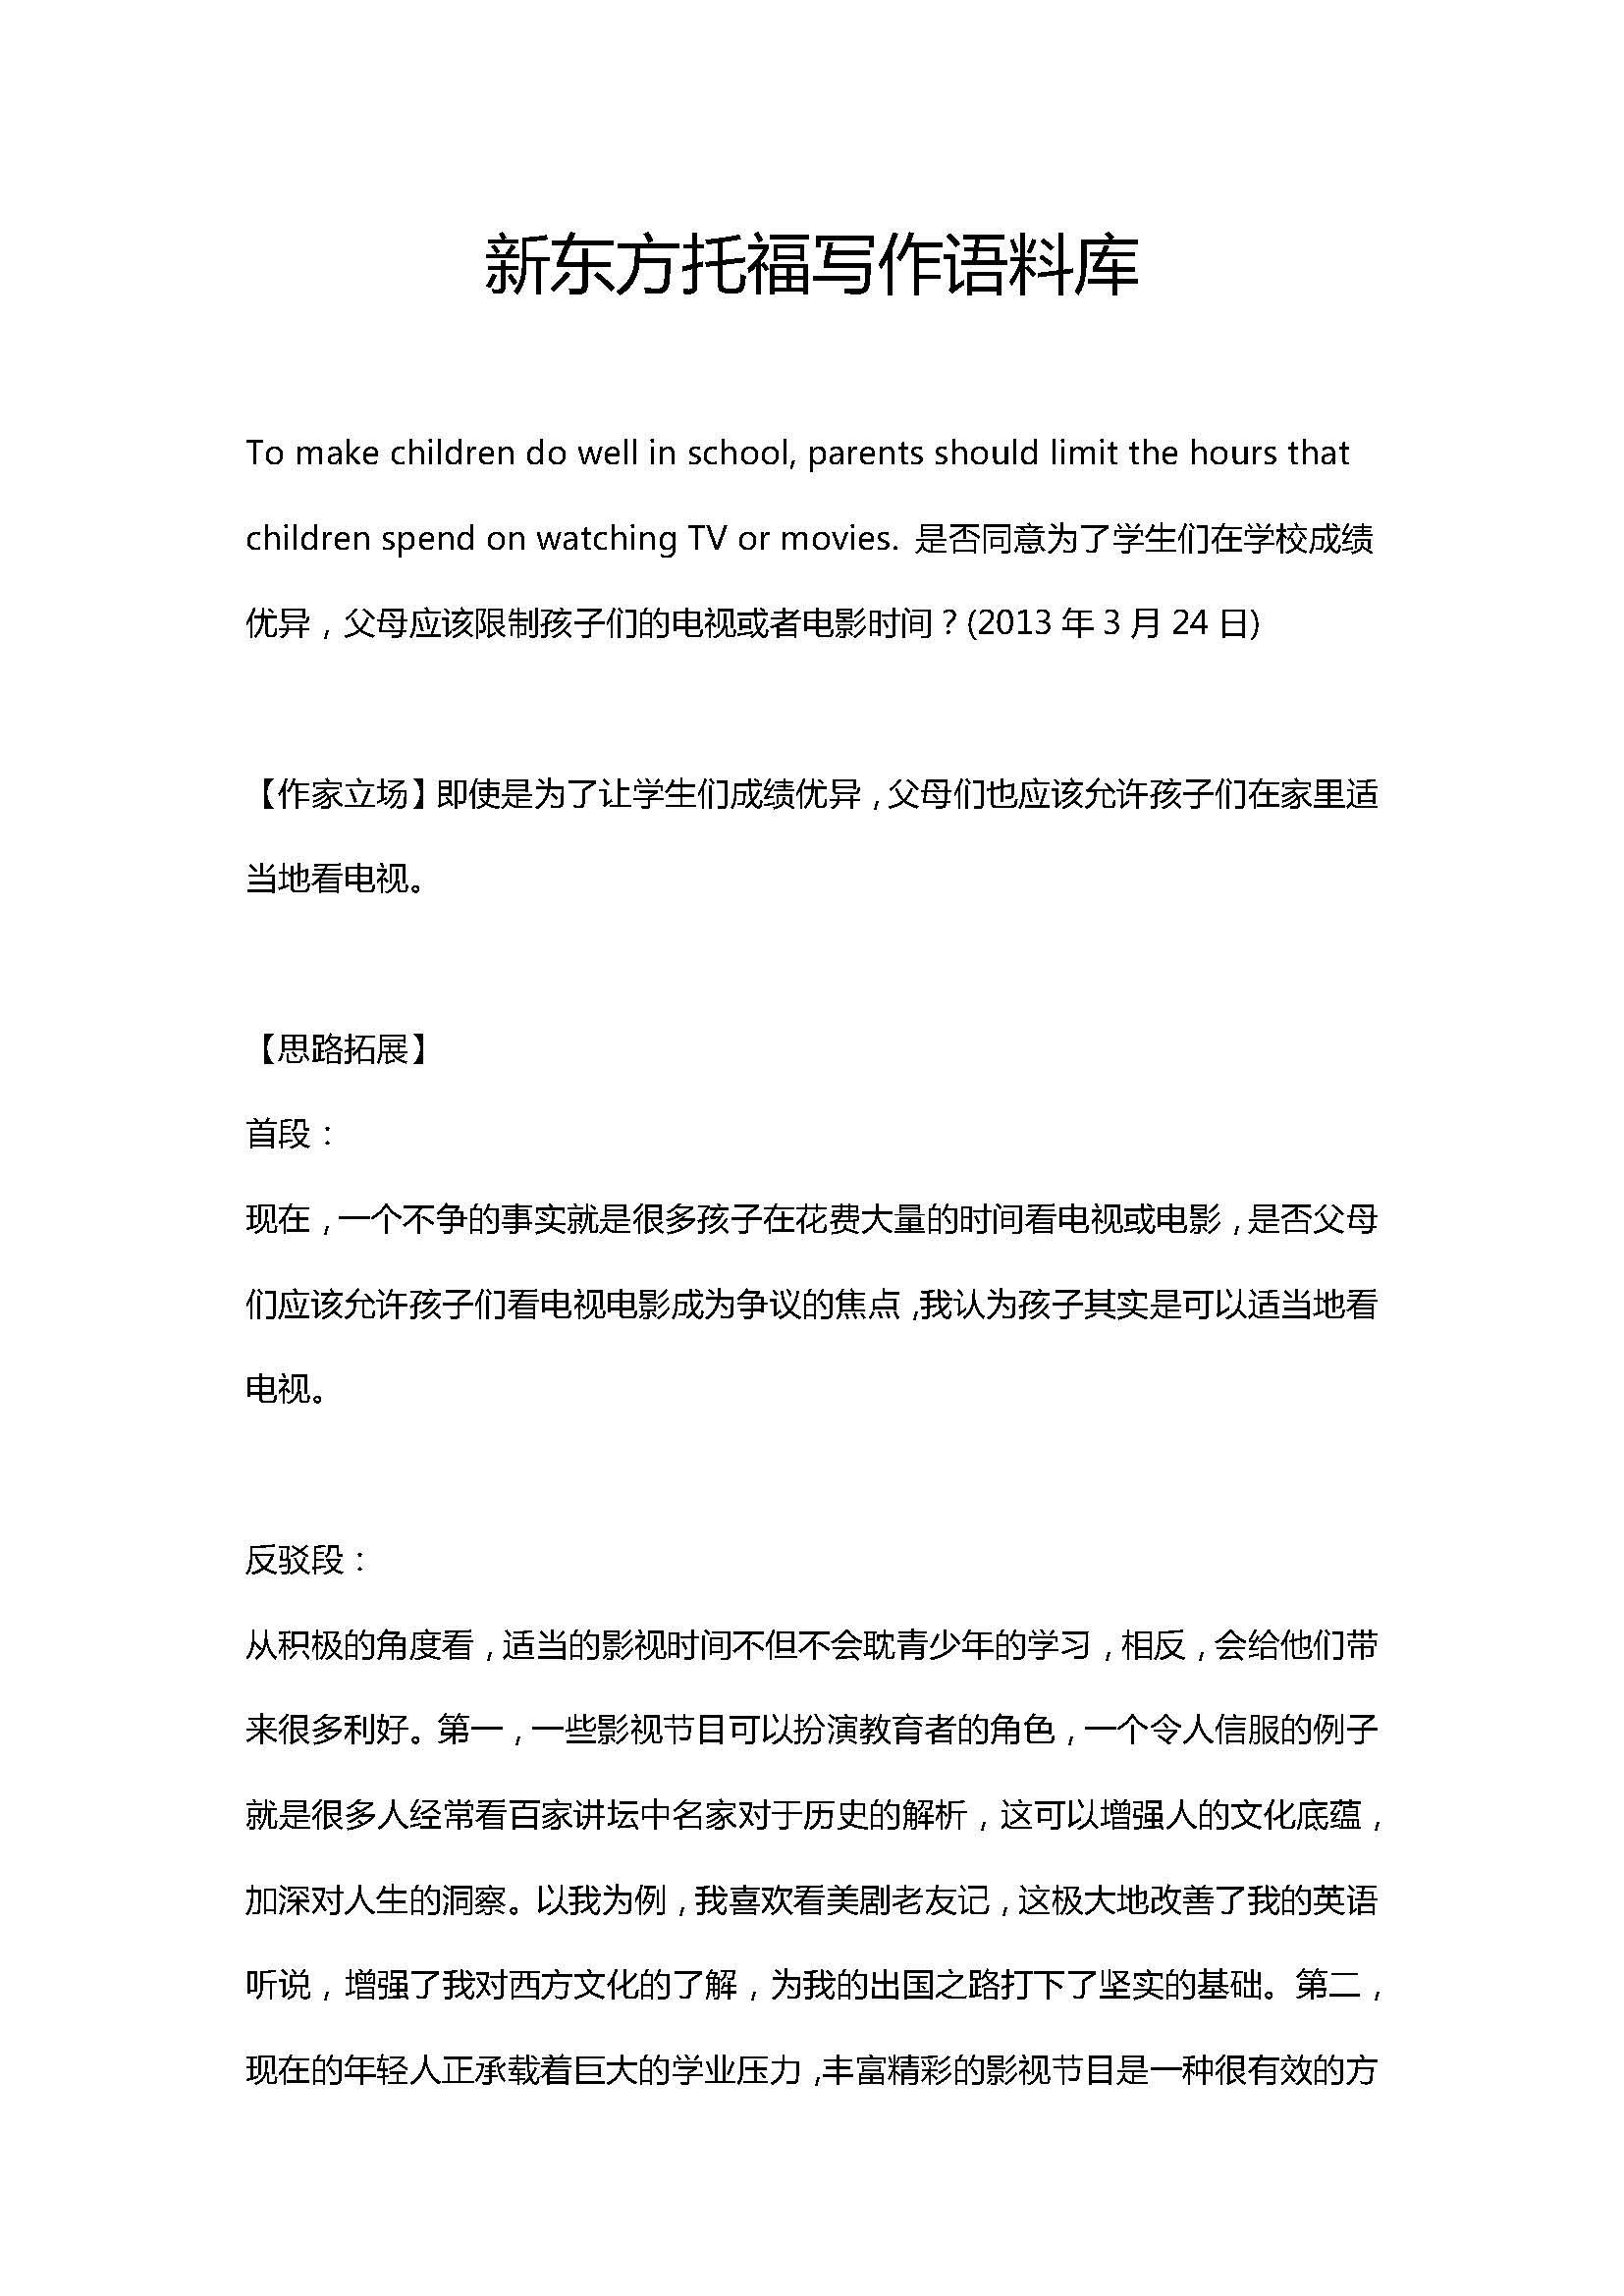 新东方托福写作语料库:父母是否应该限制孩子看电视的时间